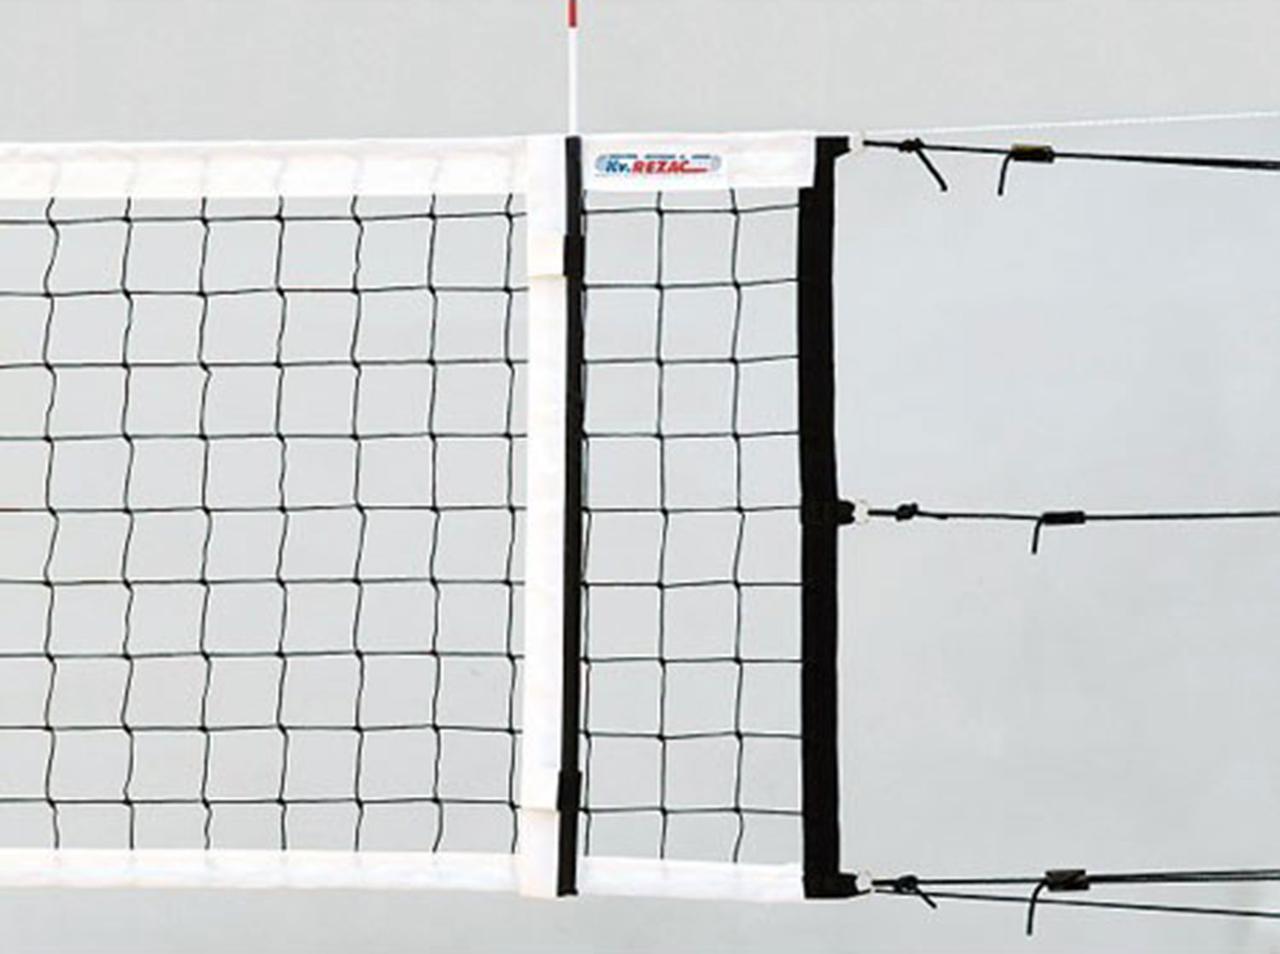 Профессиональная волейбольная сетка Kv.Rezac Код 15015801